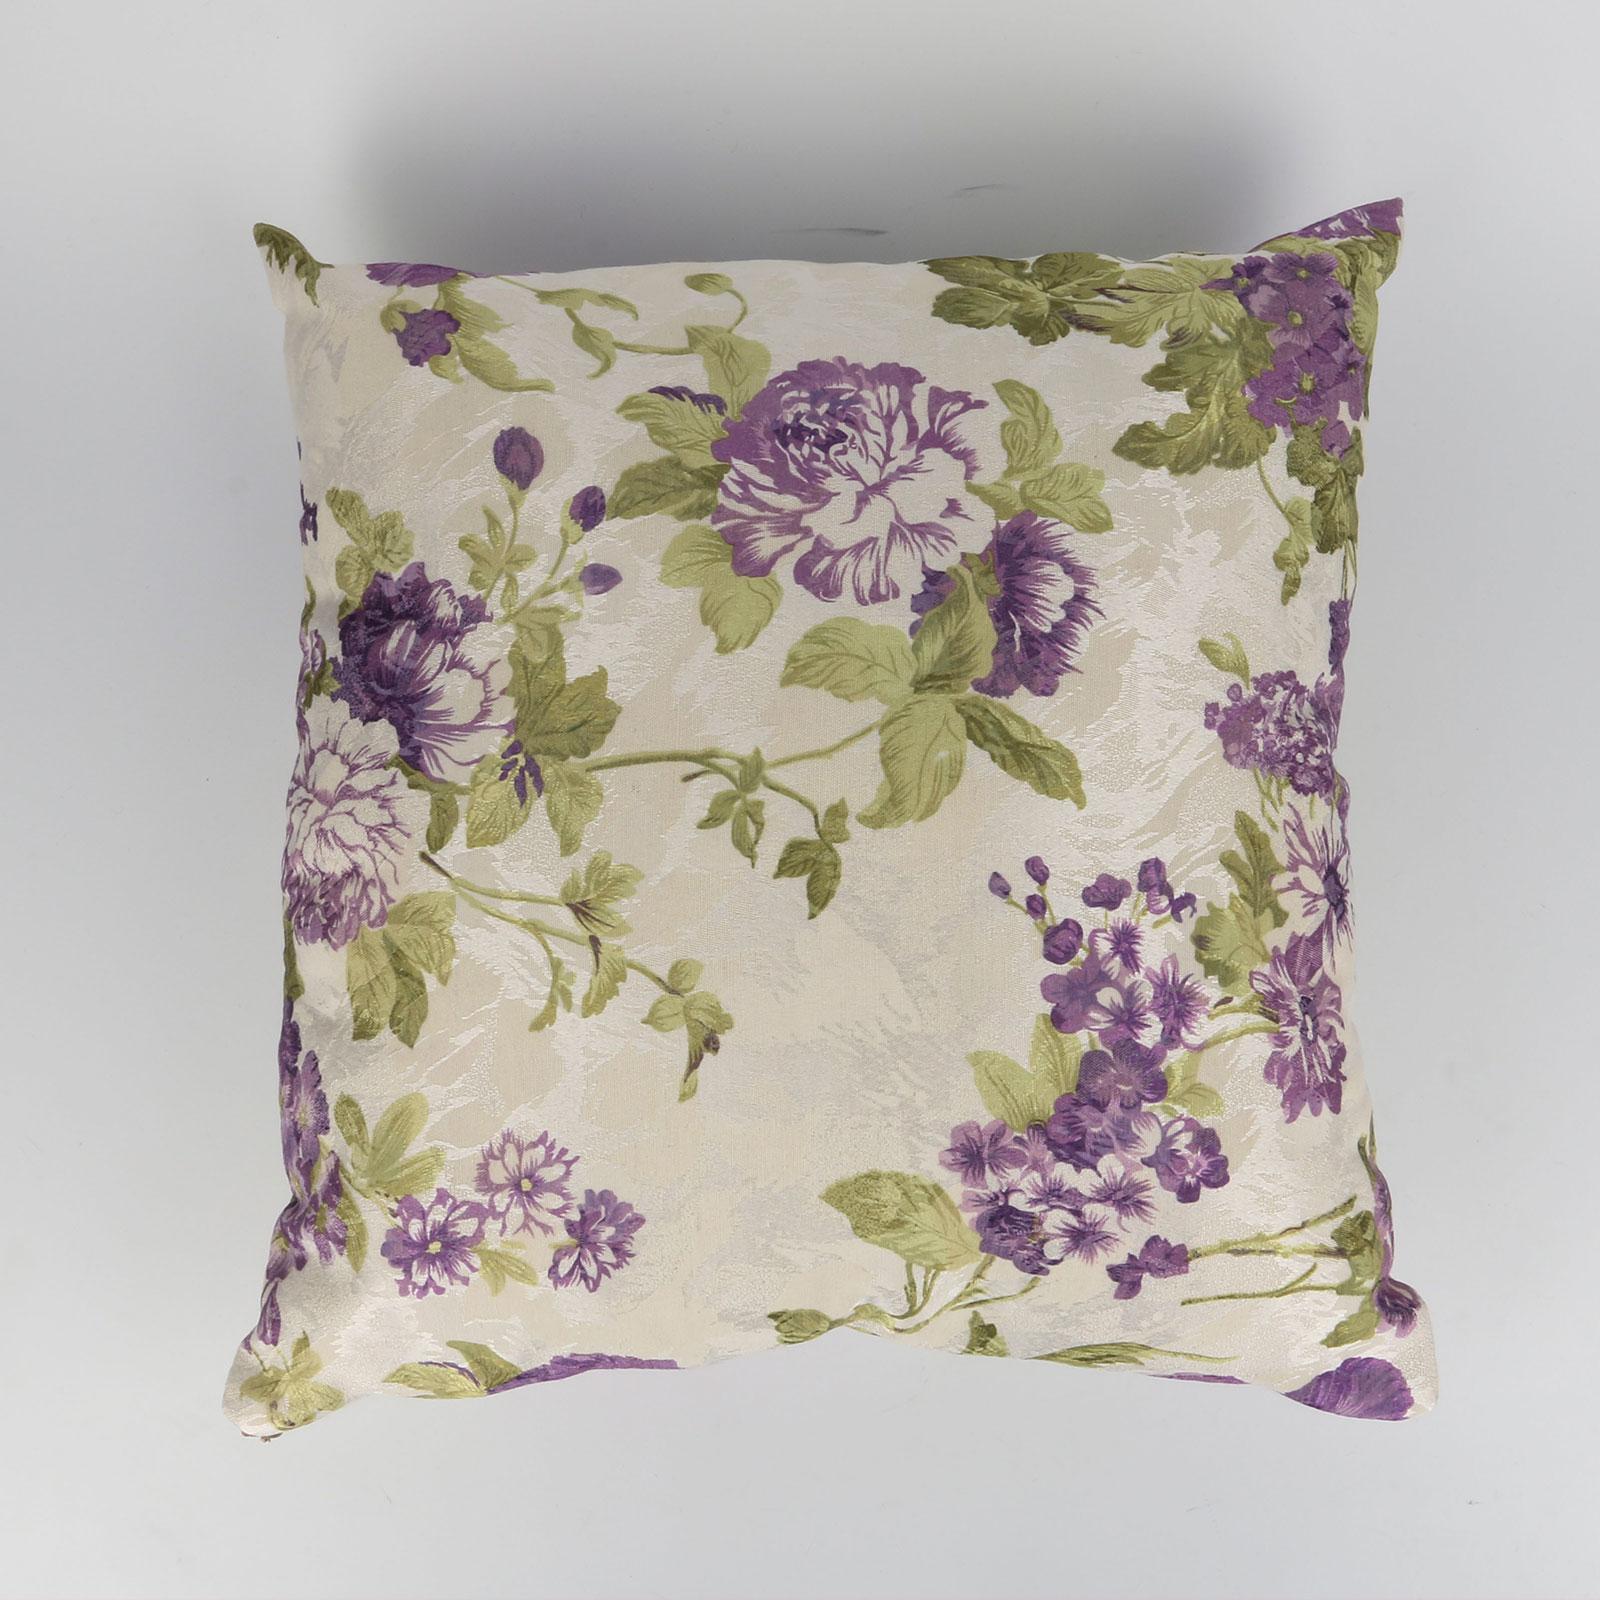 Комплект из двух декорированных подушек «Фиалковый сад»